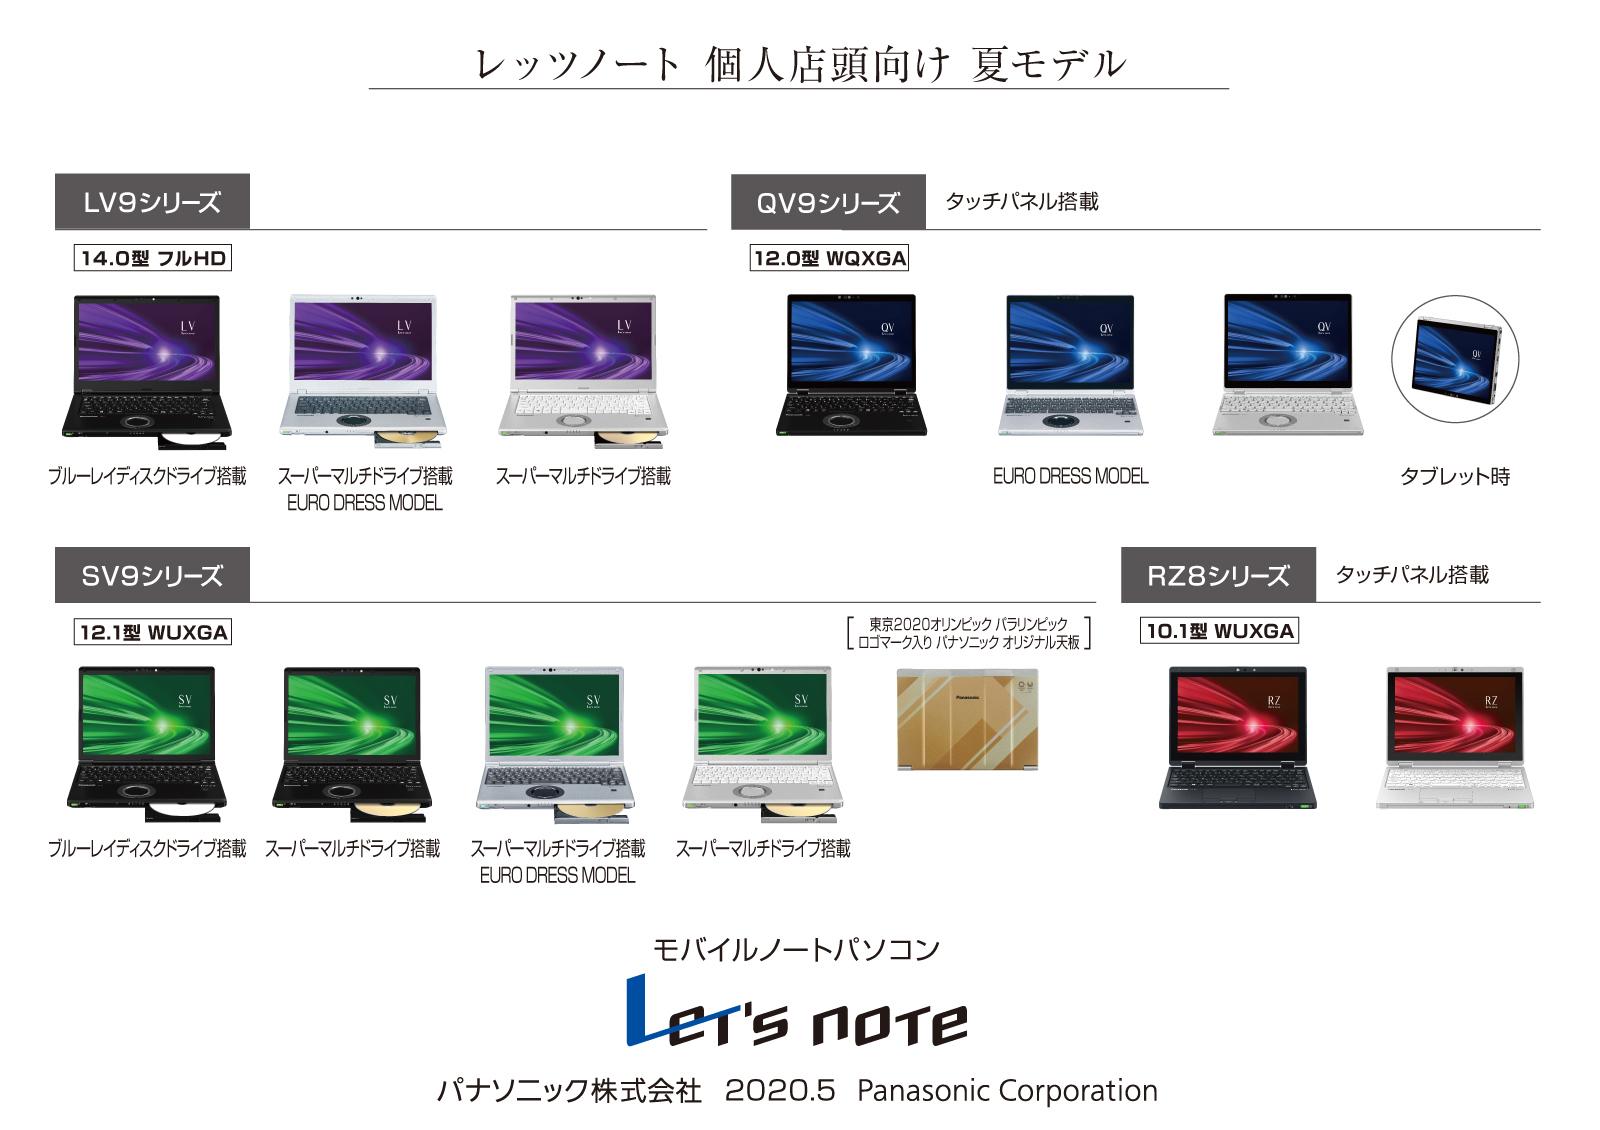 モバイルパソコン「Let's note」個人店頭向け夏モデル発売